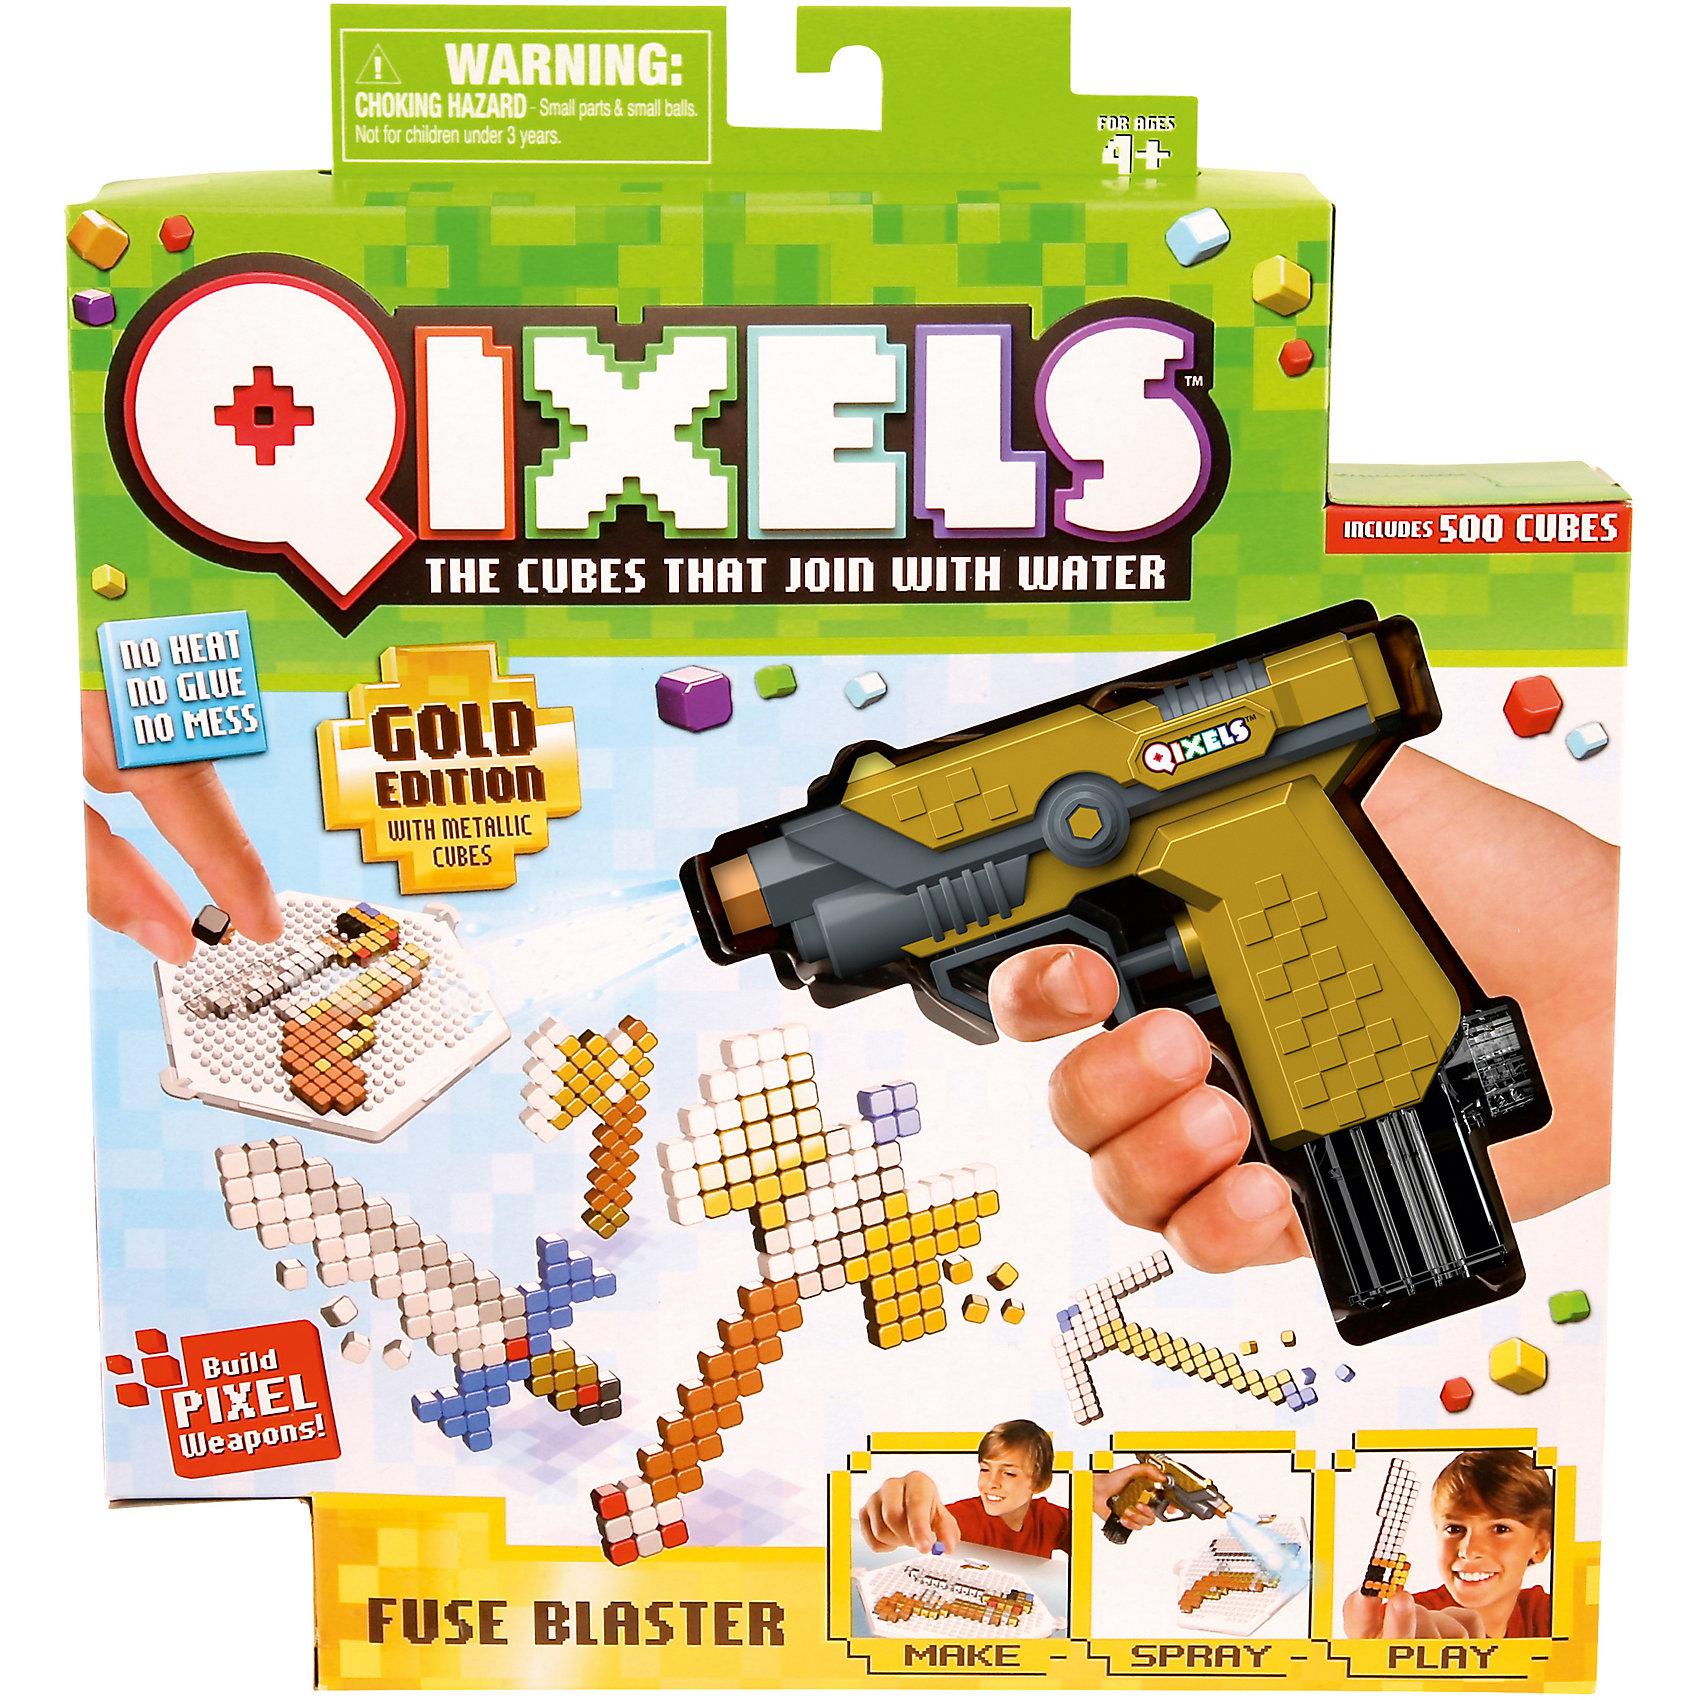 QIXELS Набор для творчества  Водяной бластерПластмассовые конструкторы<br>Qixels – кубики, которые скрепляются при помощи воды! Создай свой дизайн, сбрызни водой из водяного бластера, оставь на 30 минут и фигурка готова! Состав набора: водяной бластер, 500 кубиков, 2 дизайн лотка, 4 дизайн лекала, 2 опоры, 2 базы, емкость для кубиков и инструкция.<br><br>Ширина мм: 55<br>Глубина мм: 260<br>Высота мм: 290<br>Вес г: 423<br>Возраст от месяцев: 60<br>Возраст до месяцев: 1188<br>Пол: Унисекс<br>Возраст: Детский<br>SKU: 6742241